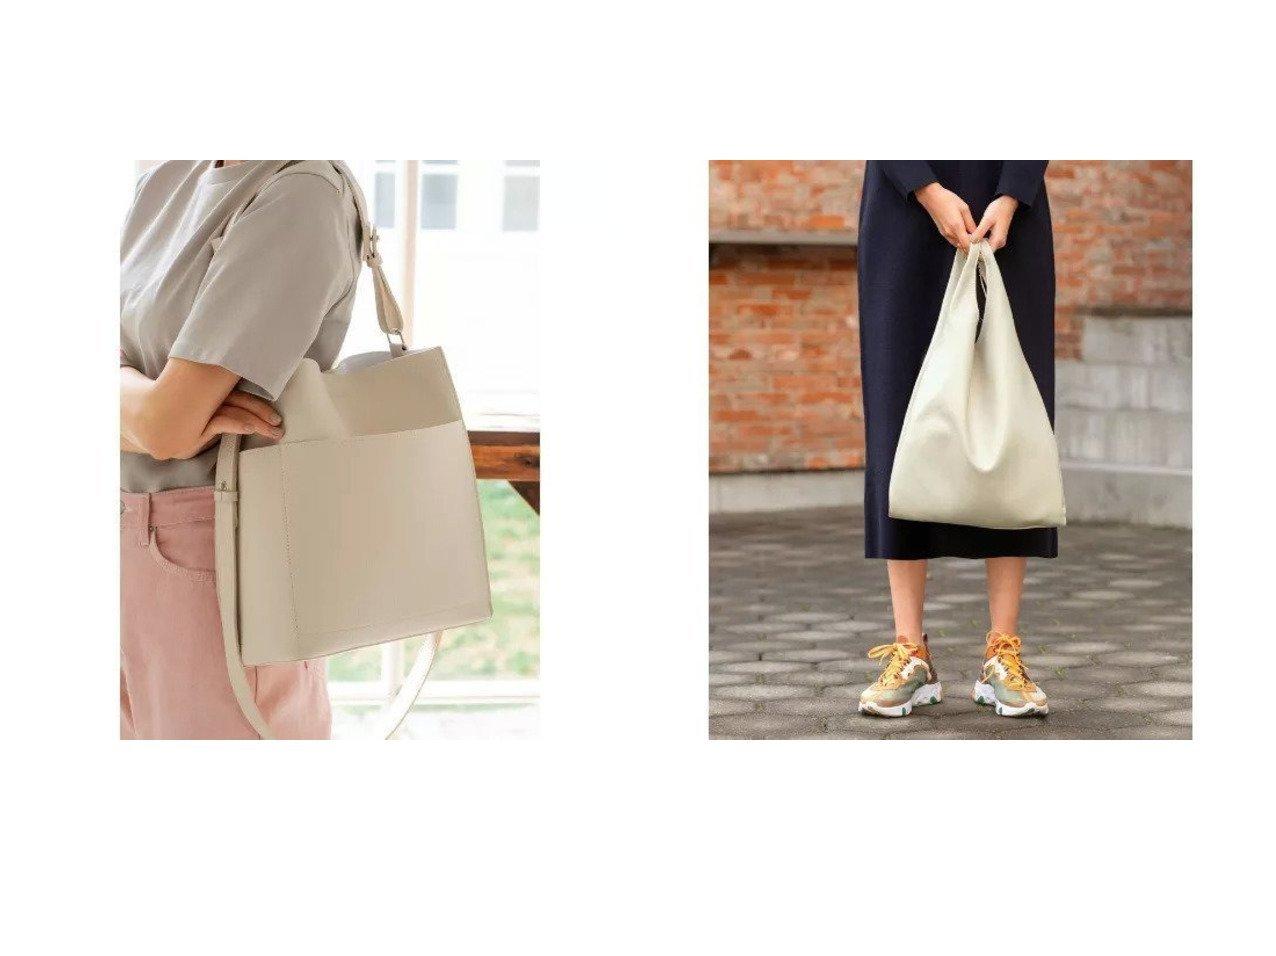 【STYLE DELI/スタイルデリ】のスクエア型ベルトショルダーバッグ&軽量トライアングル2WAYショルダーバッグ 【バッグ・鞄】おすすめ!人気、トレンド・レディースファッションの通販 おすすめで人気の流行・トレンド、ファッションの通販商品 インテリア・家具・メンズファッション・キッズファッション・レディースファッション・服の通販 founy(ファニー) https://founy.com/ ファッション Fashion レディースファッション WOMEN バッグ Bag ベルト Belts オレンジ クール 傘 ショルダー シルバー シンプル スエード スクエア 財布 フェイクレザー フォルム ベーシック ポケット マグネット ラップ プチプライス・低価格 Affordable  ID:crp329100000048174